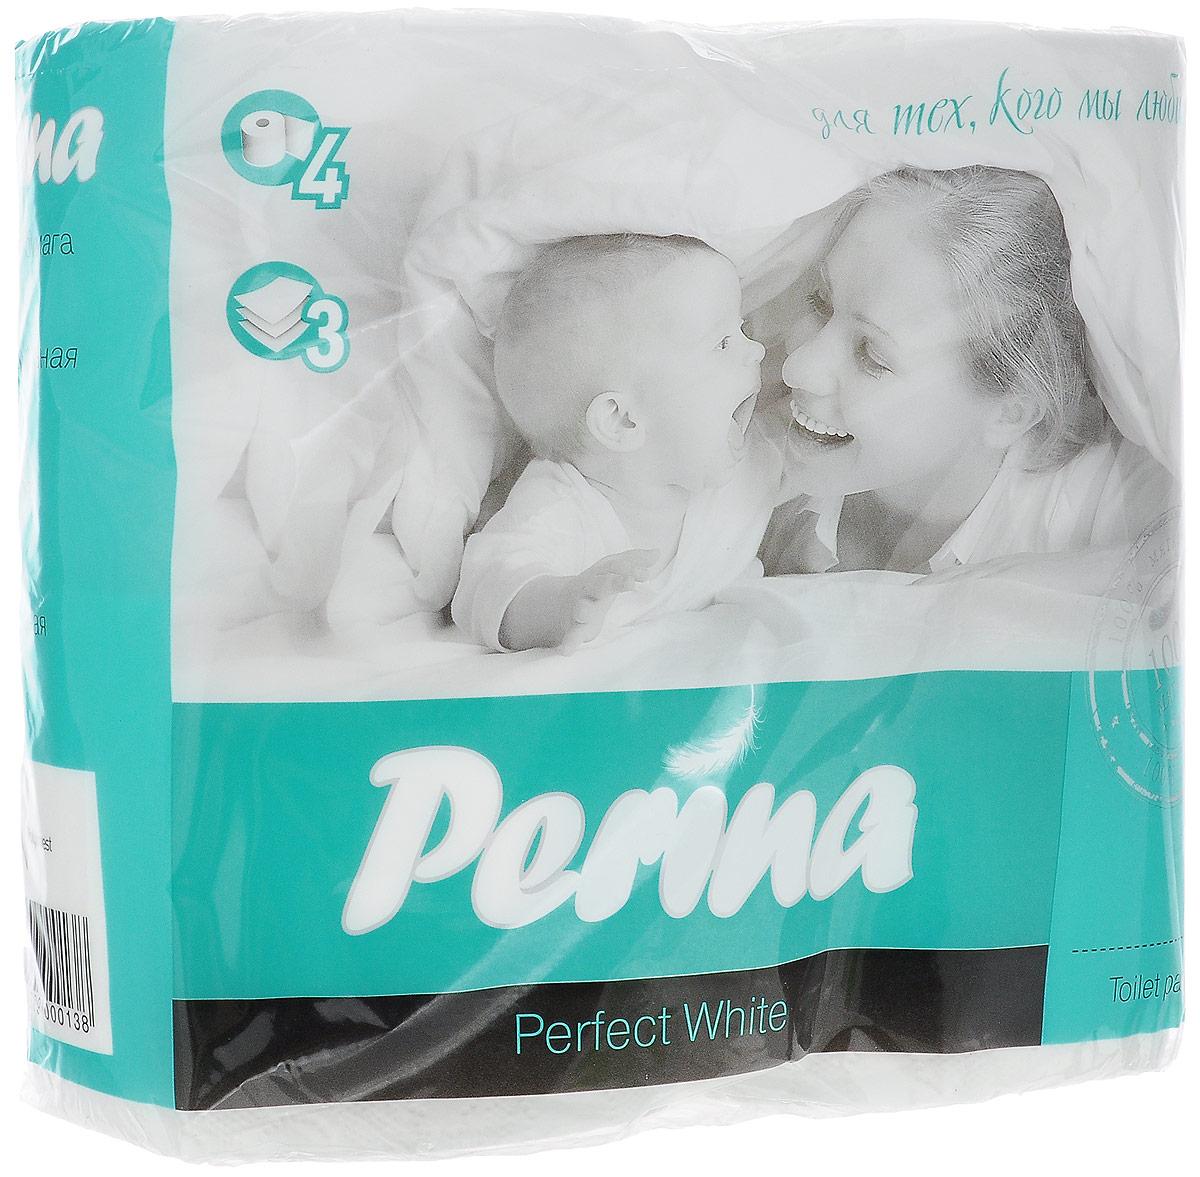 Бумага туалетная Perina Perfect White, трехслойная, 4 рулона138Туалетная бумага Perina Perfect White выполнена из натуральной целлюлозы. Трехслойная туалетная бумага мягкая, нежная, но в тоже время прочная. Листы имеют рисунок с перфорацией. Длина рулона: 18,8 м. Количество листов: 150 шт. Количество слоев: 3. Размер листа: 12,5 х 9,4 см. Состав: 100% целлюлоза.